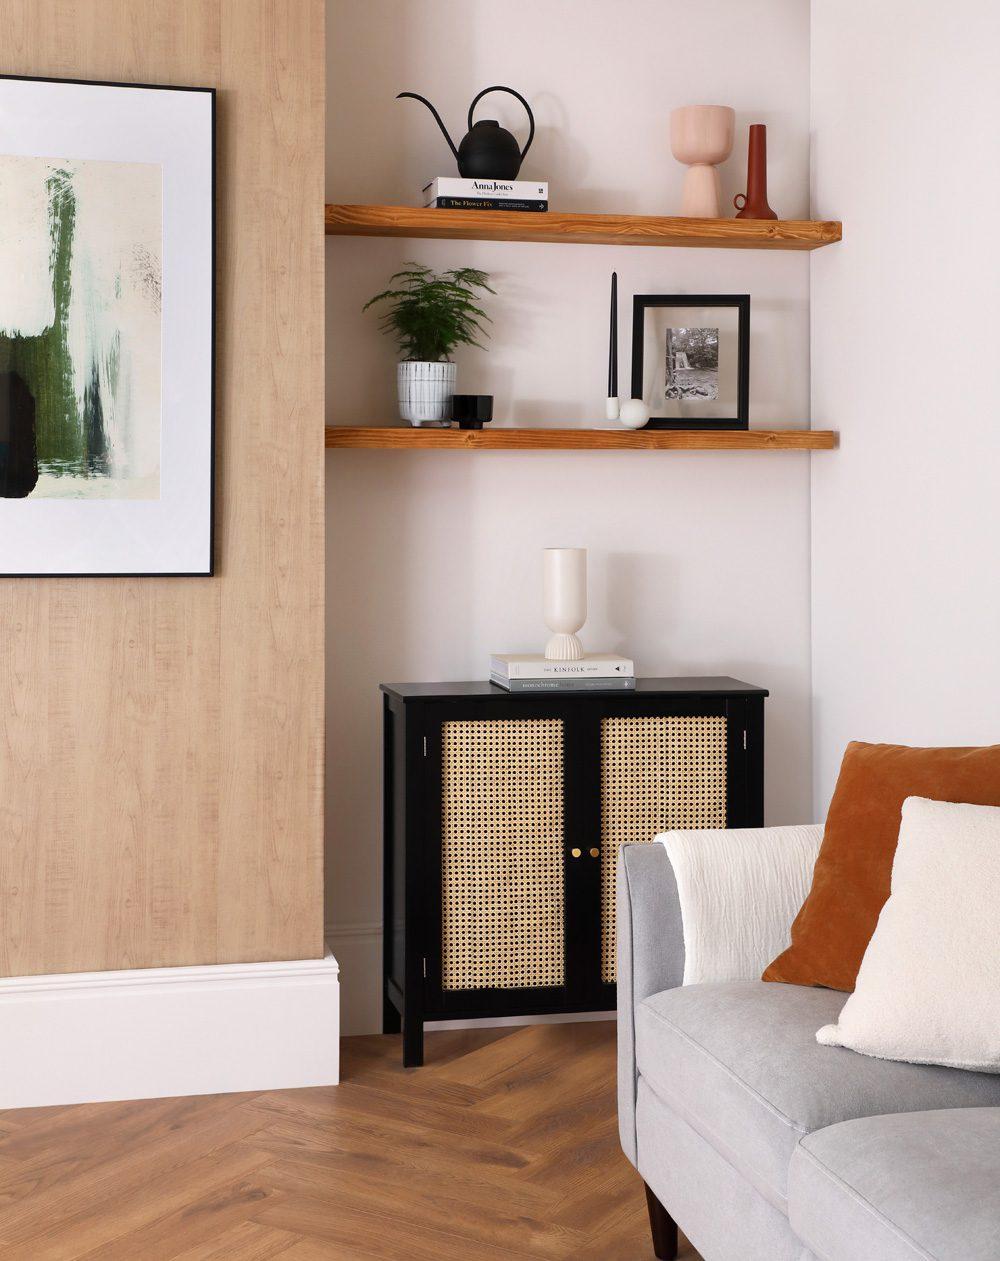 Rattan-Sideboard und Ecksofa von Hayward, Foto: Furniture and Choice